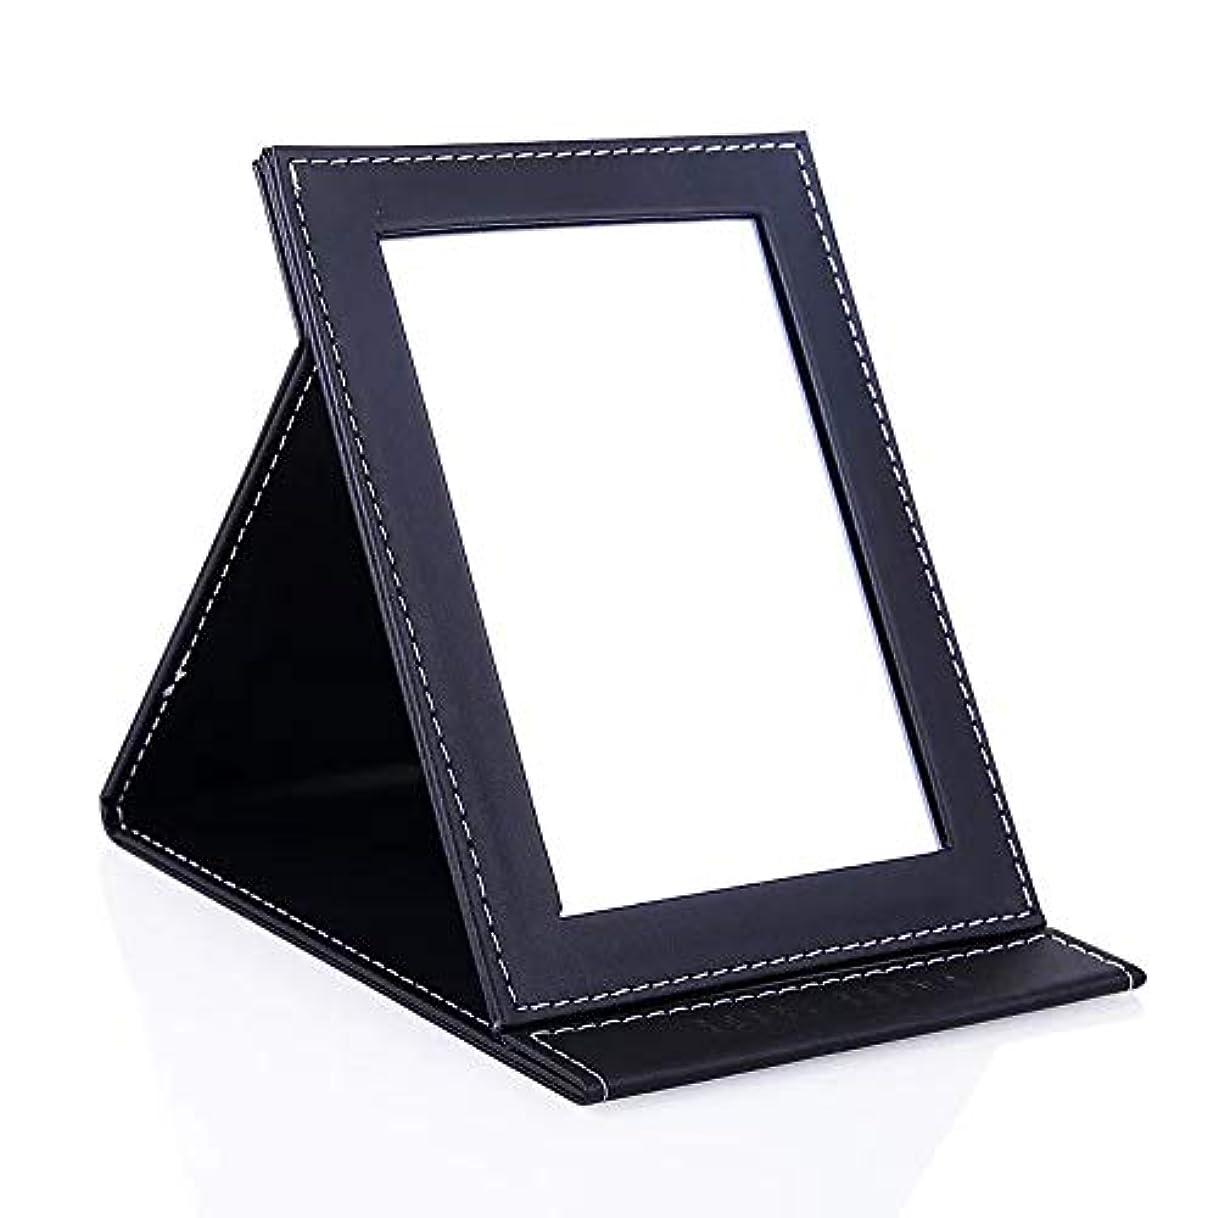 感じ強度反対Miaoma 化粧鏡 手鏡 折りたたみ式 卓上スタンドミラ ー PUレザー 持ち運び便利 収納 M …